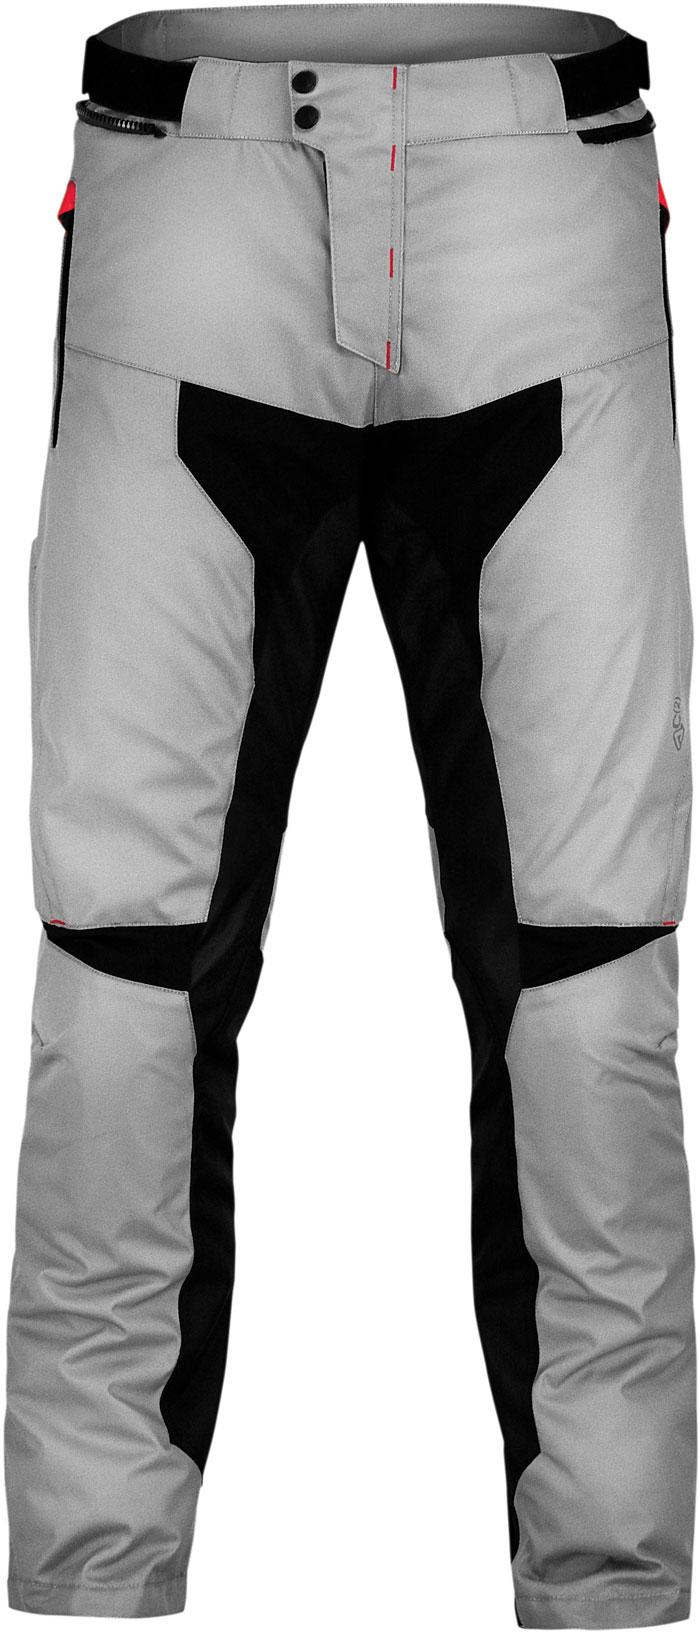 Motorcycle trousers Acerbis Adventure Black Grey